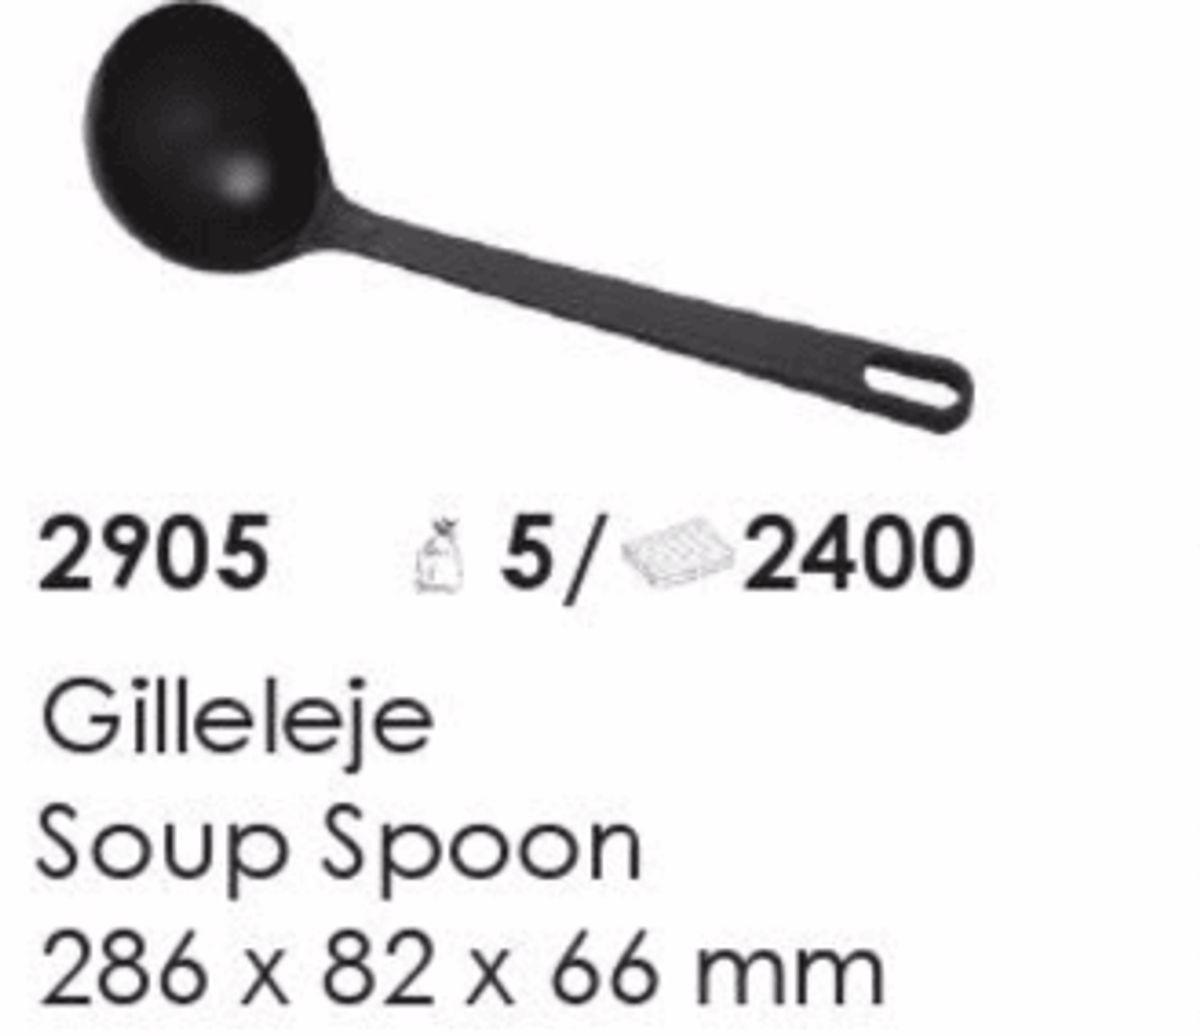 Gilleleje Soup Spoon, artikel nr. 2905 (Suppeske) Foto: Screenshot fra katalog fra Plast Team A/S.